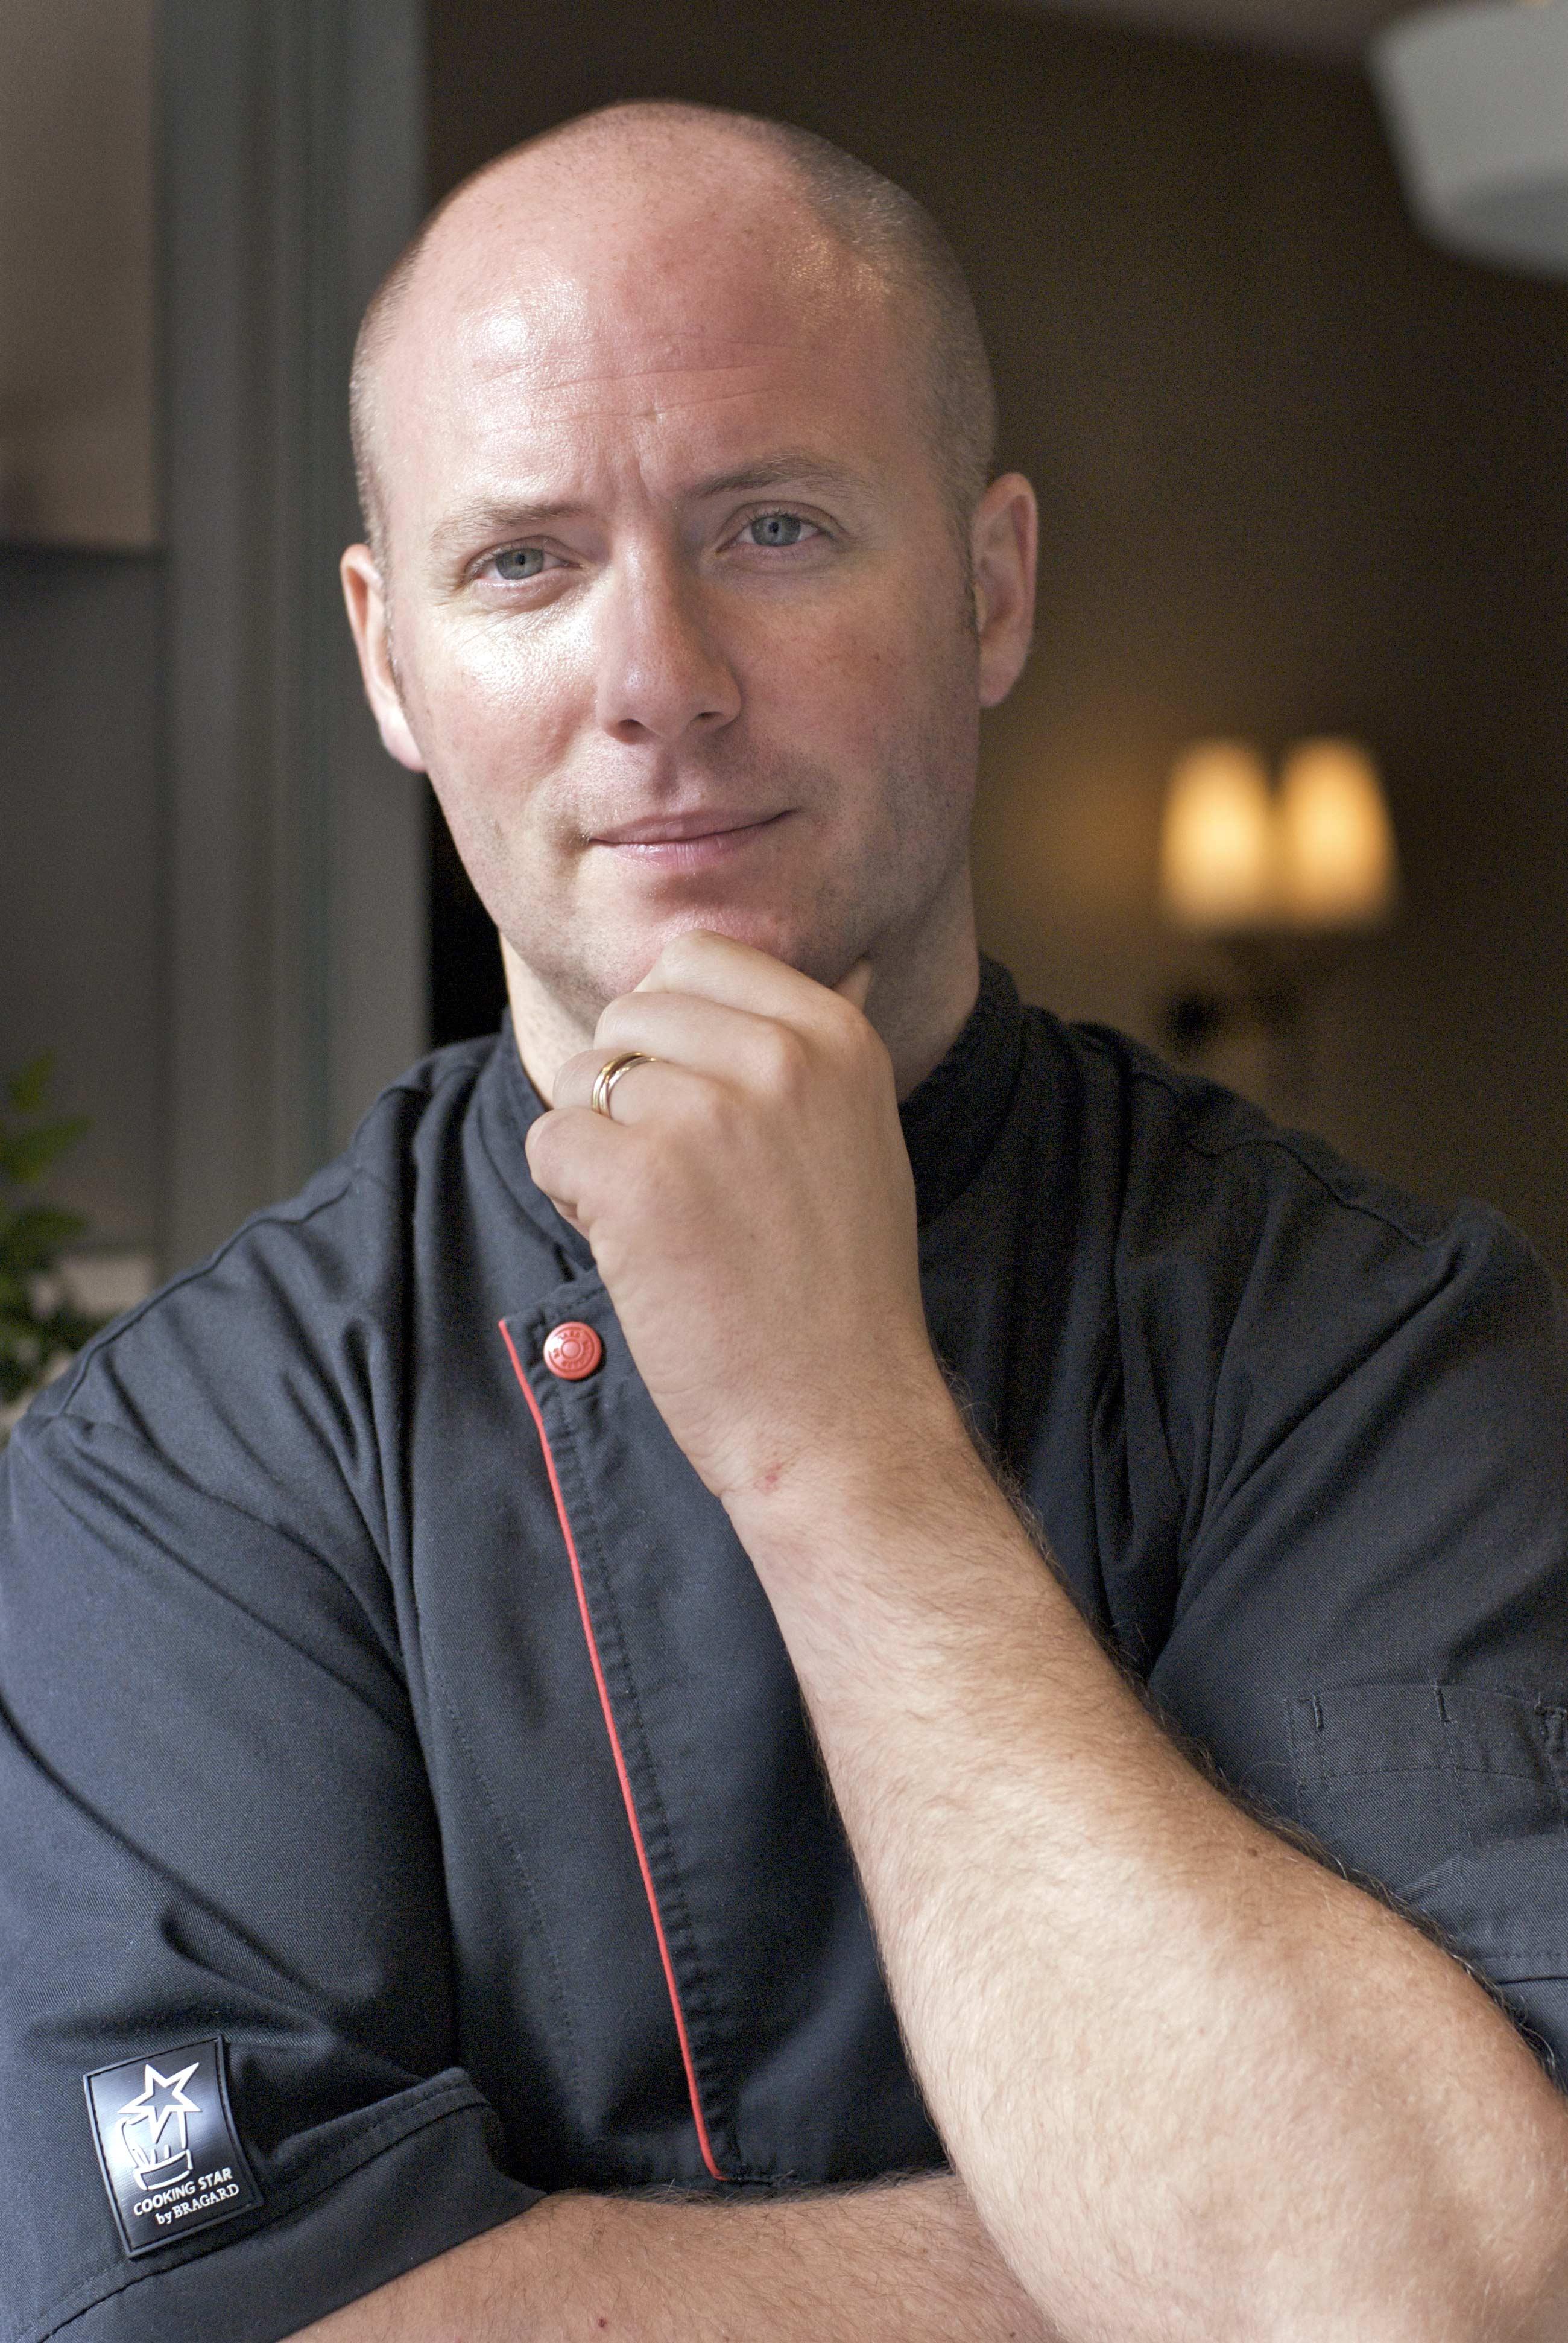 Chef en veste de cuisinier noir, portrait américain